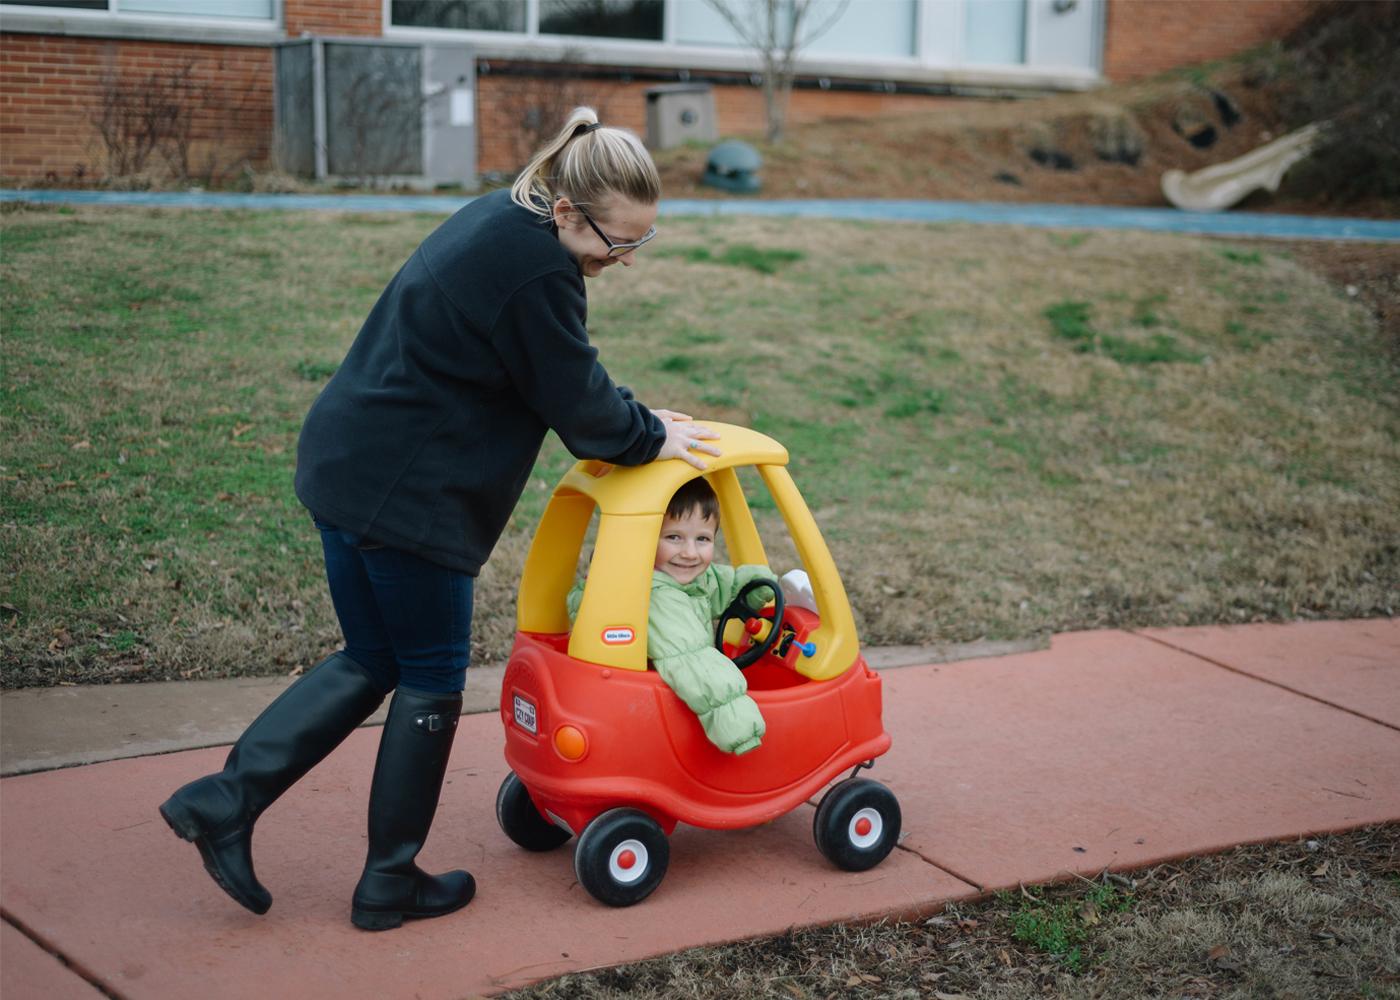 Women pushing kid in play car